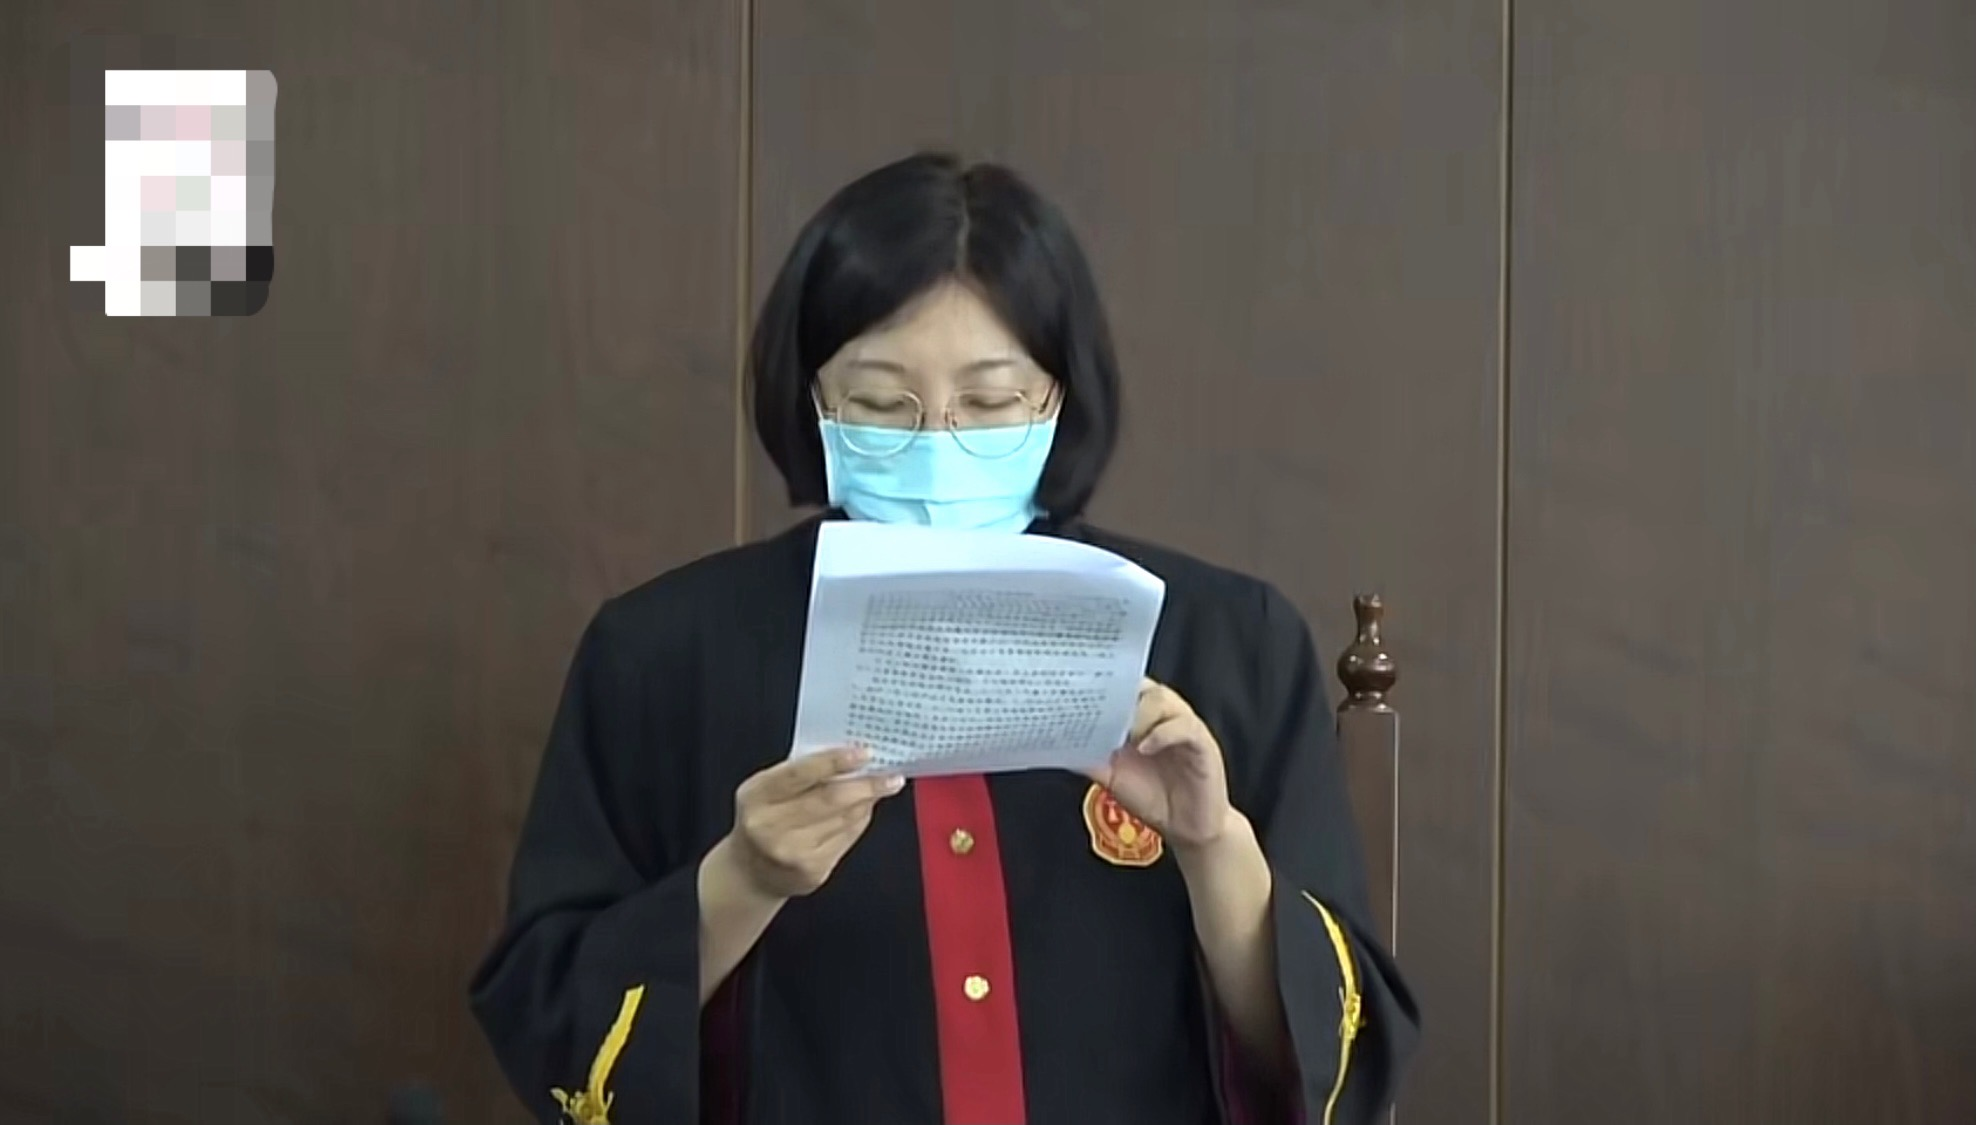 北京女子试戴21万名表将表盘摔坏,拒绝赔偿后店员报警,法院判赔1.78万